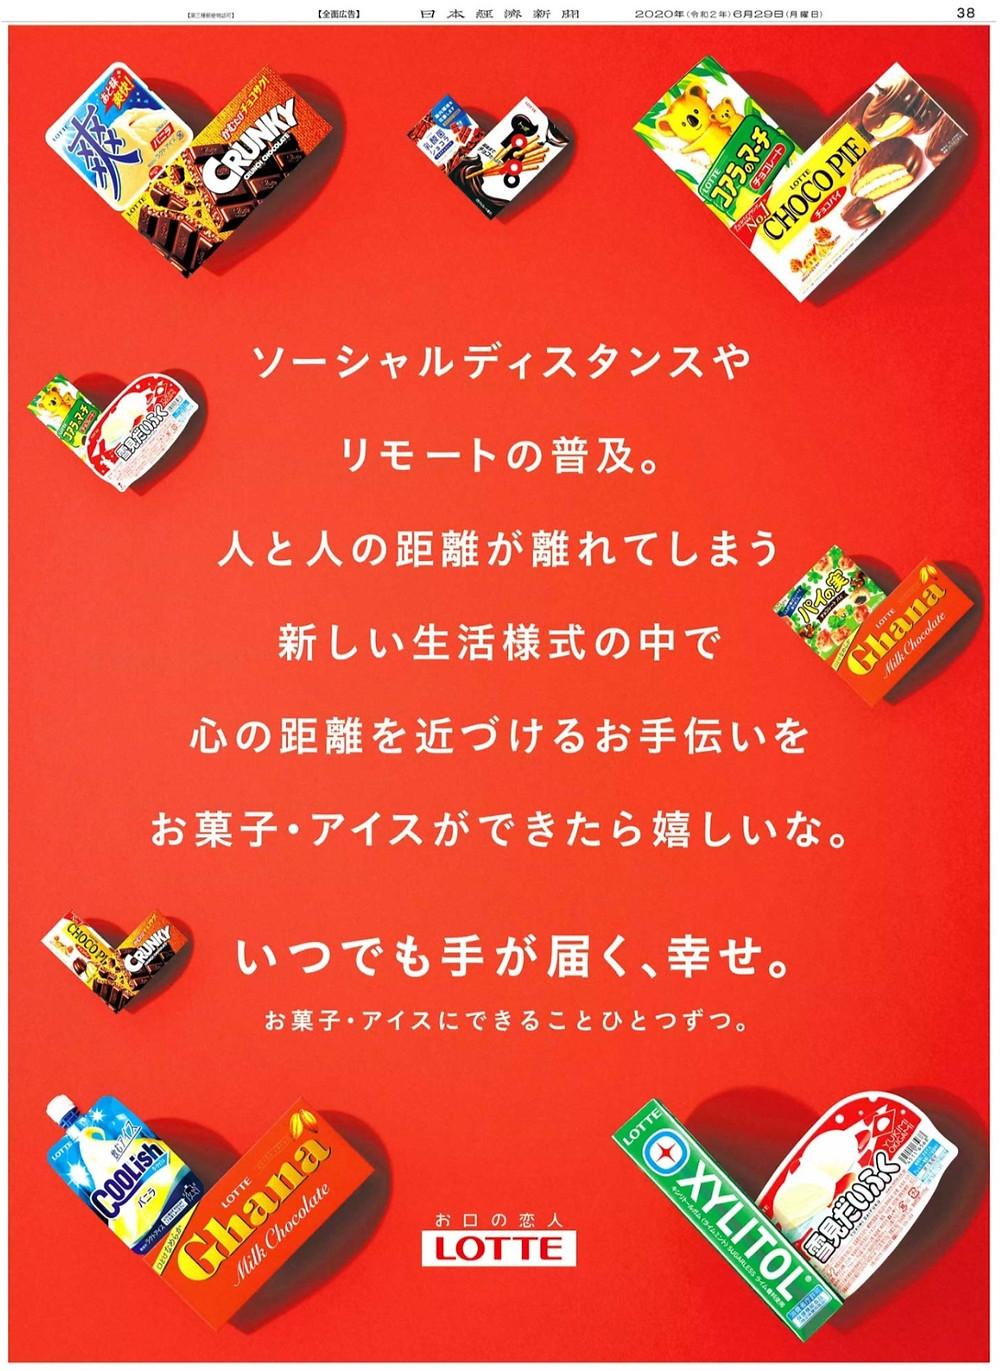 ロッテ, いつでも手が届く、幸せ。, お口の恋人, 新聞広告,広告コピー, 広告レビュー,広告事例,コピーライティング